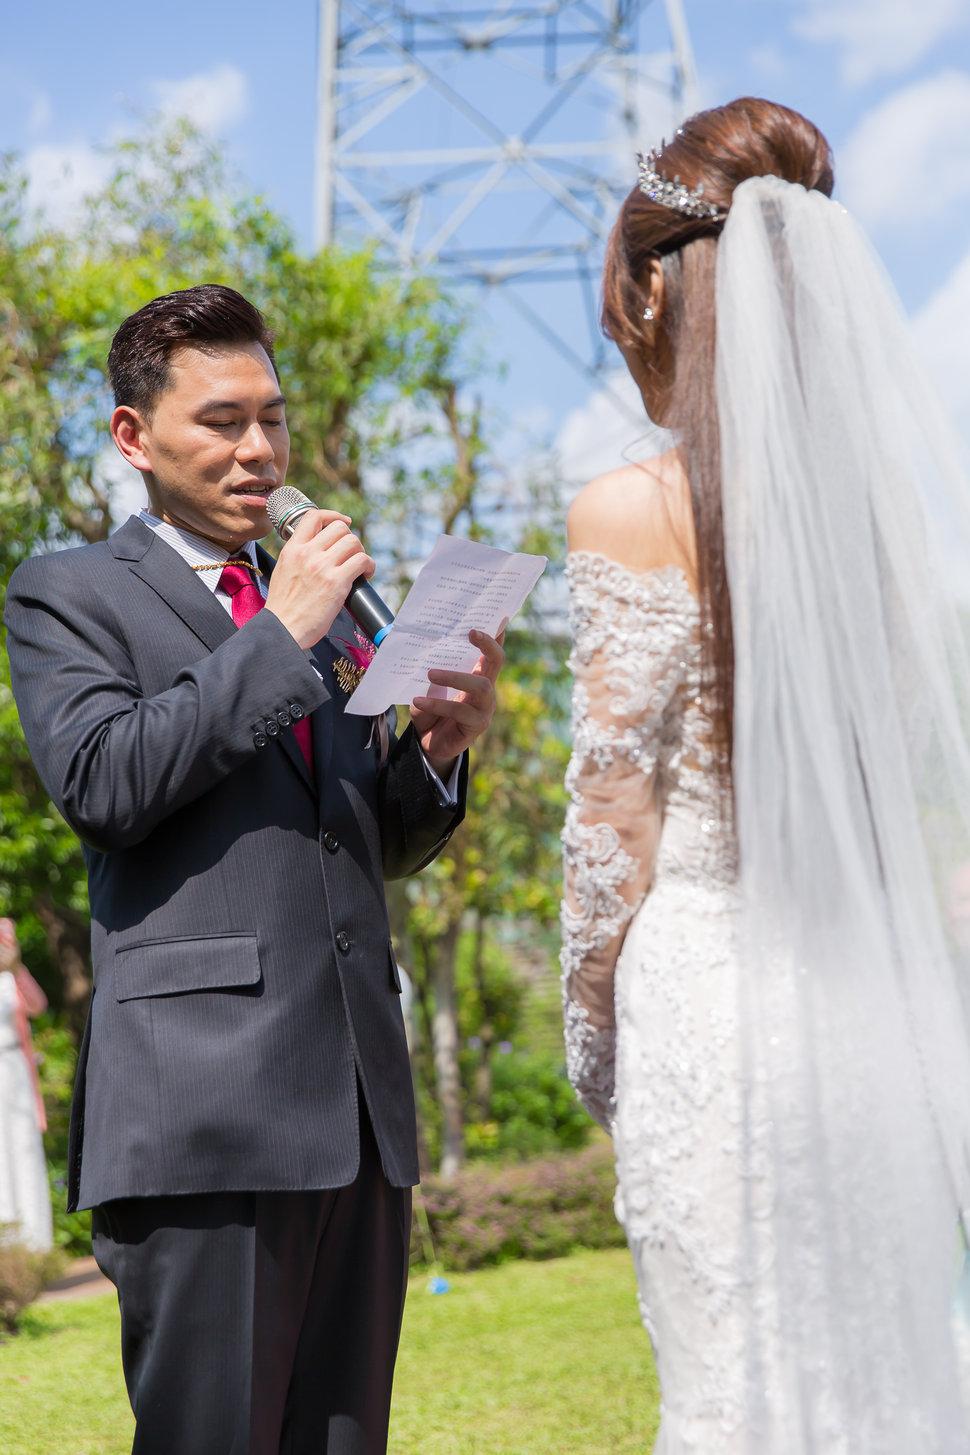 兆康&鈴芳_婚儀_新莊香草花緣餐廳(編號:287467) - Baby Sweety 婚禮記錄 - 結婚吧